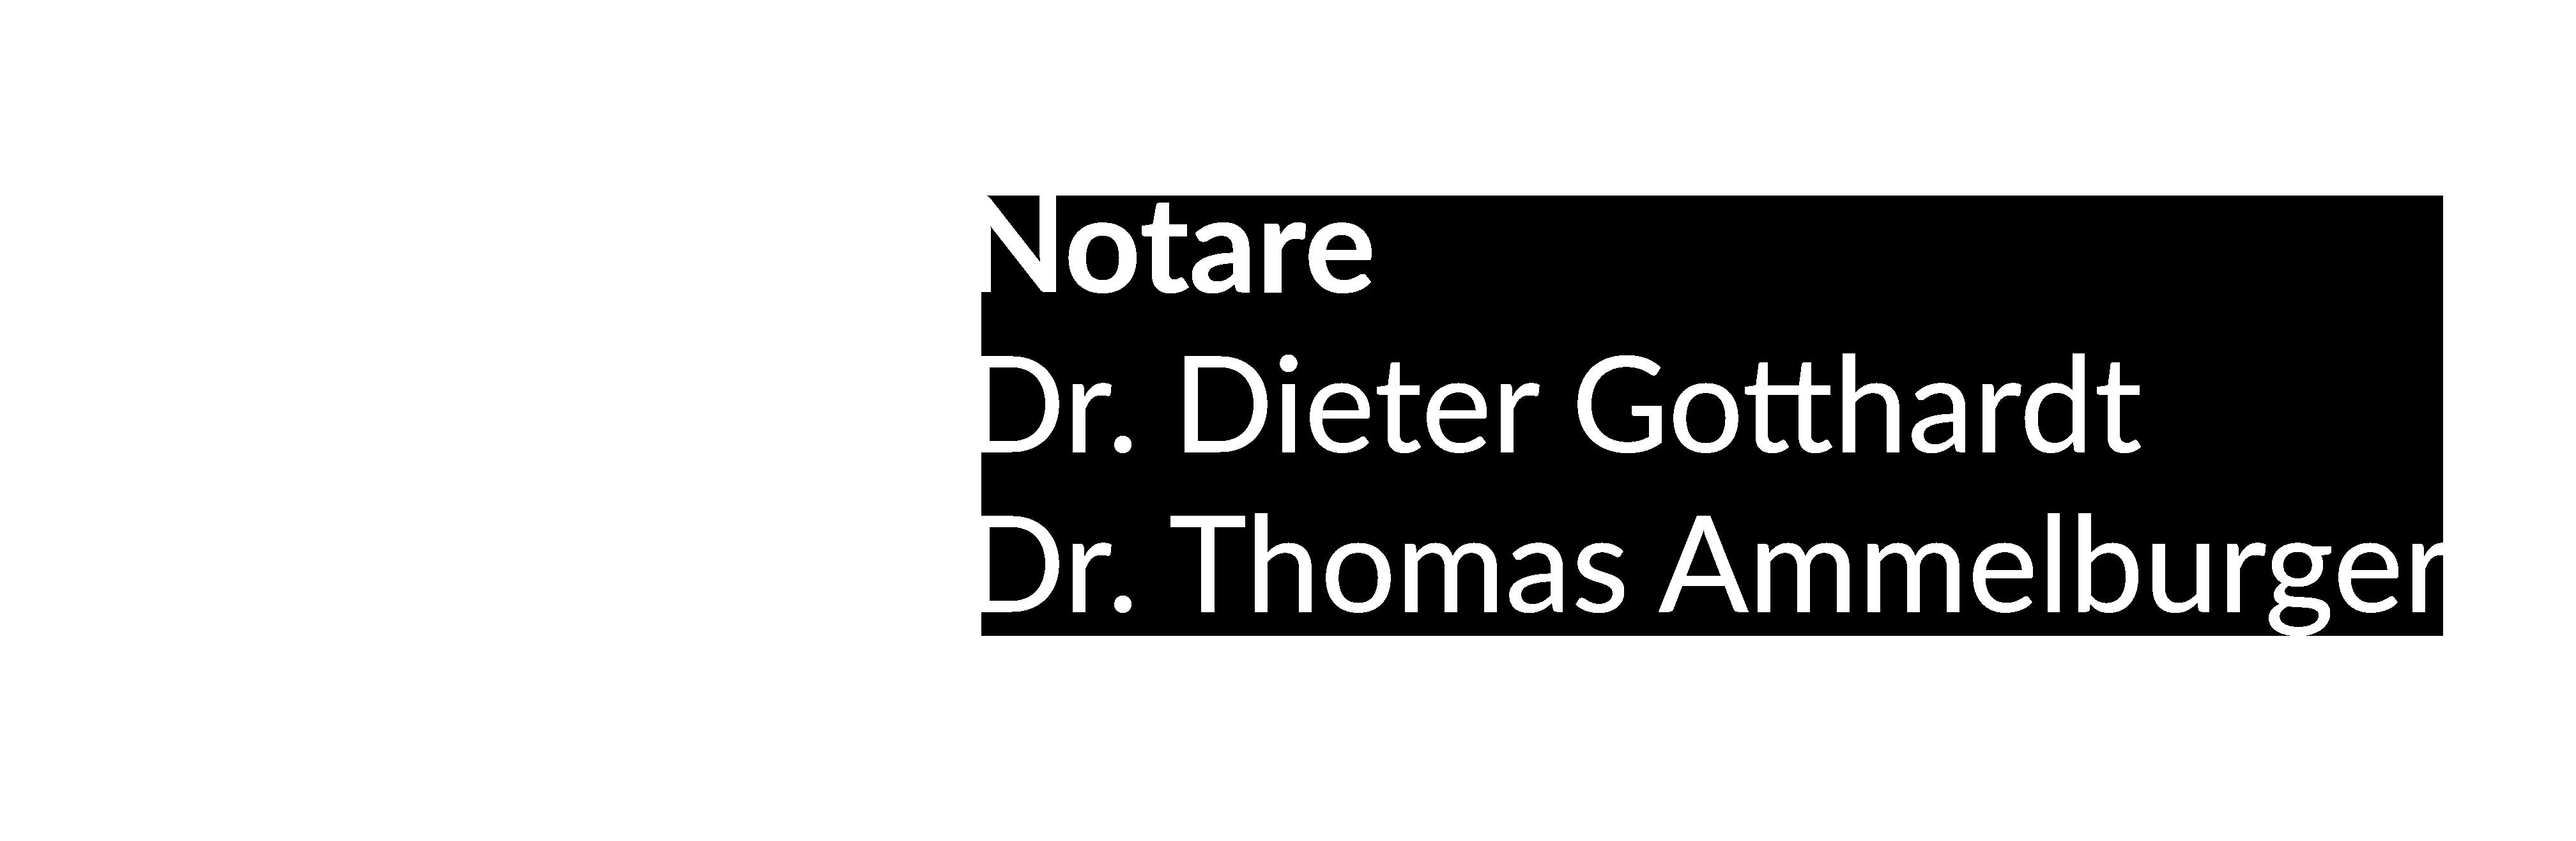 Dr. Dieter Gotthardt und Dr. Thomas Ammelburger